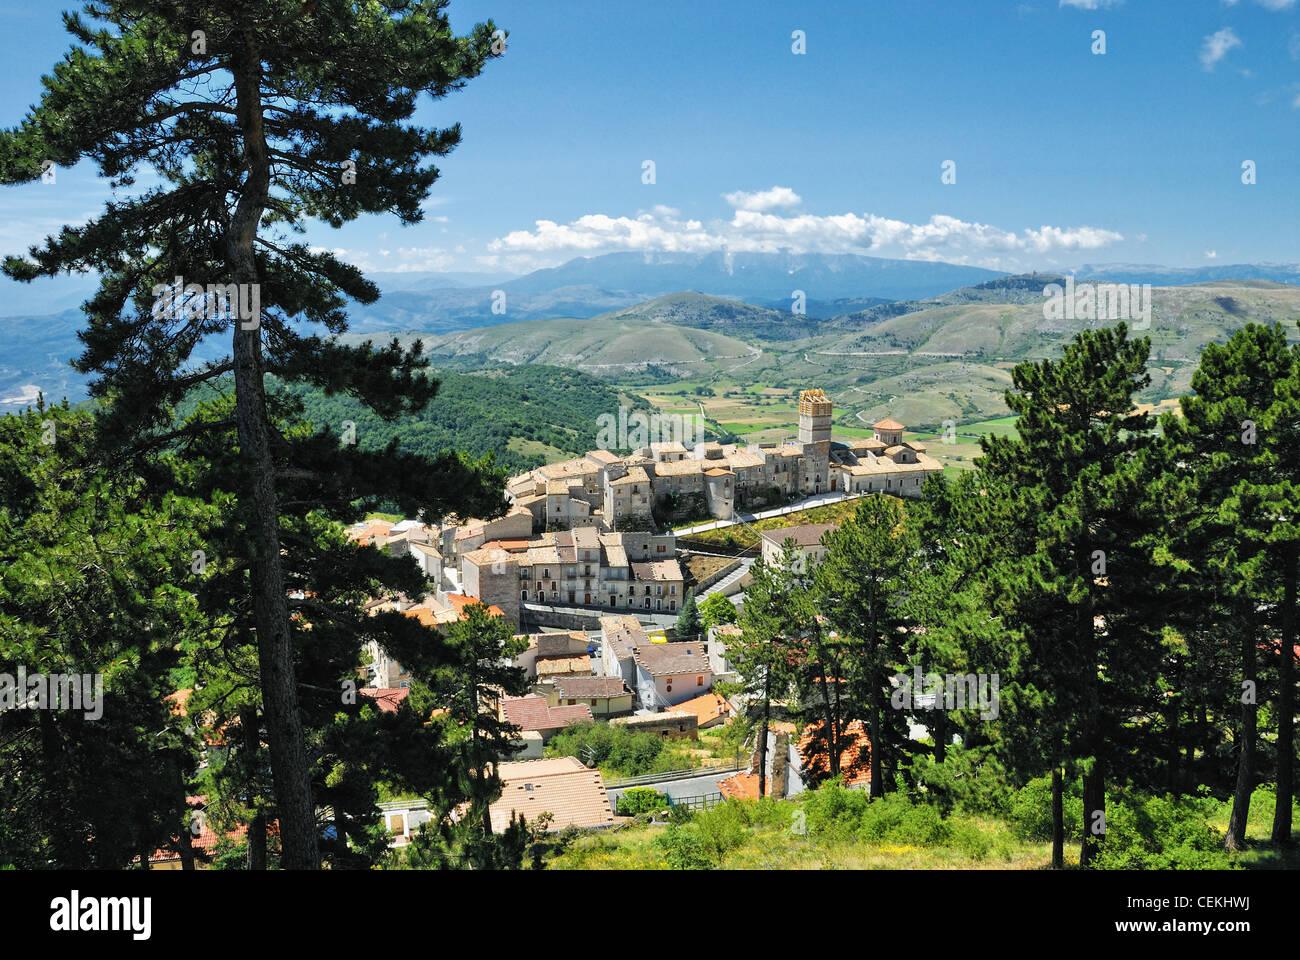 Italia Italia italie abruzzo castel del monte aq panorama montagna paesaggio di montagna Immagini Stock